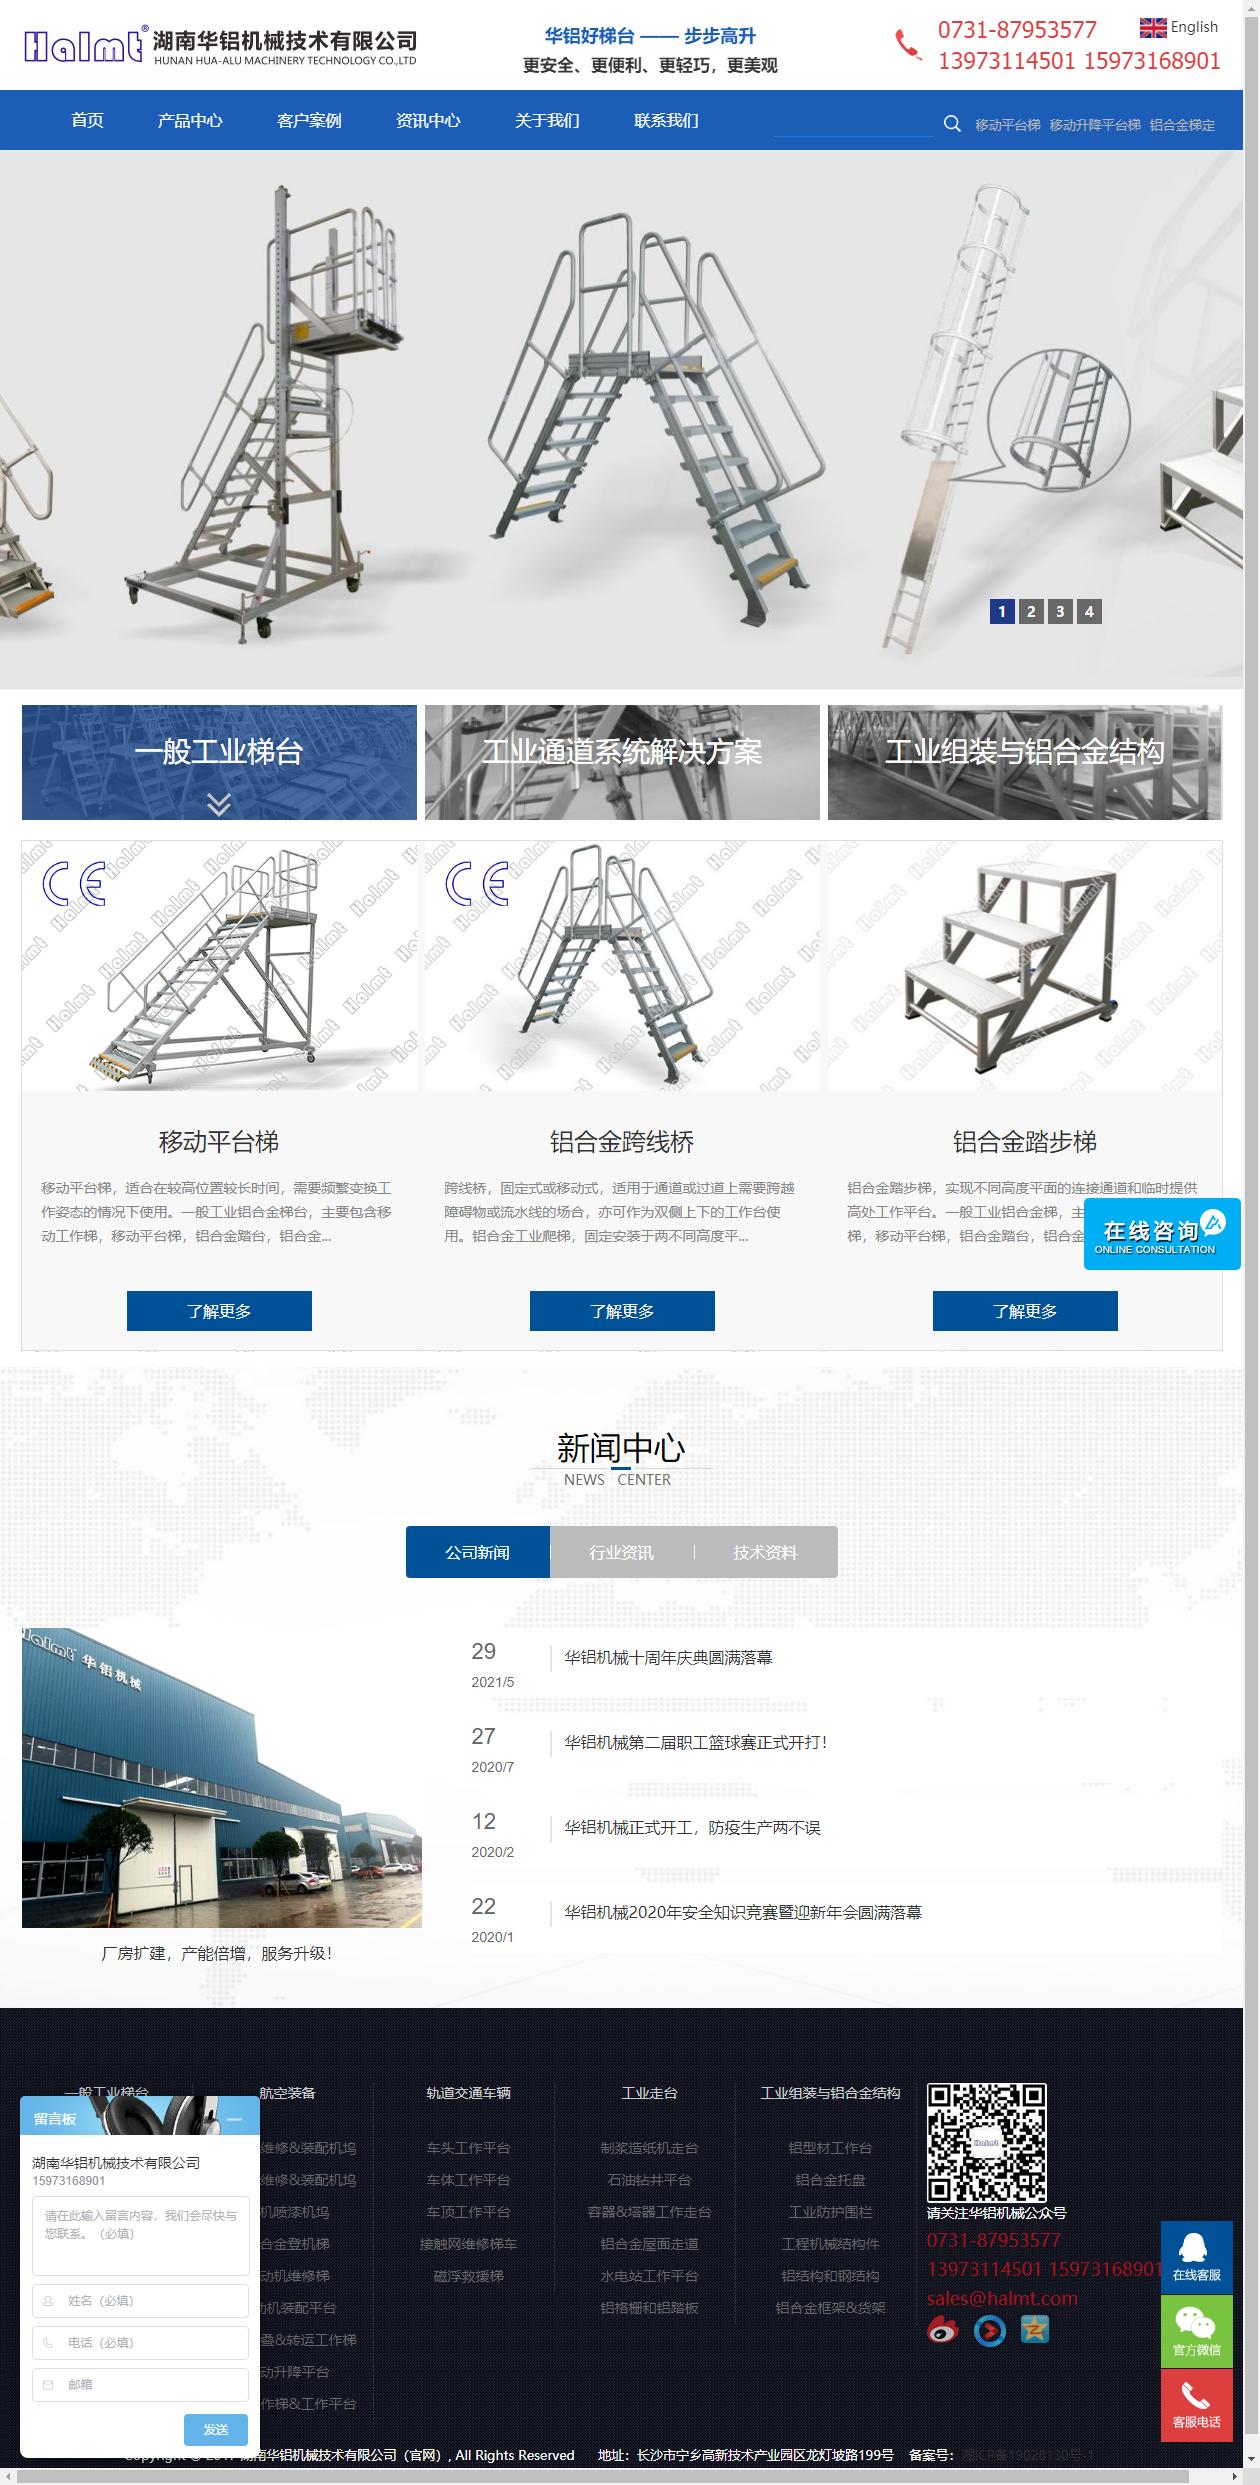 湖南华铝机械技术有限公司网站案例